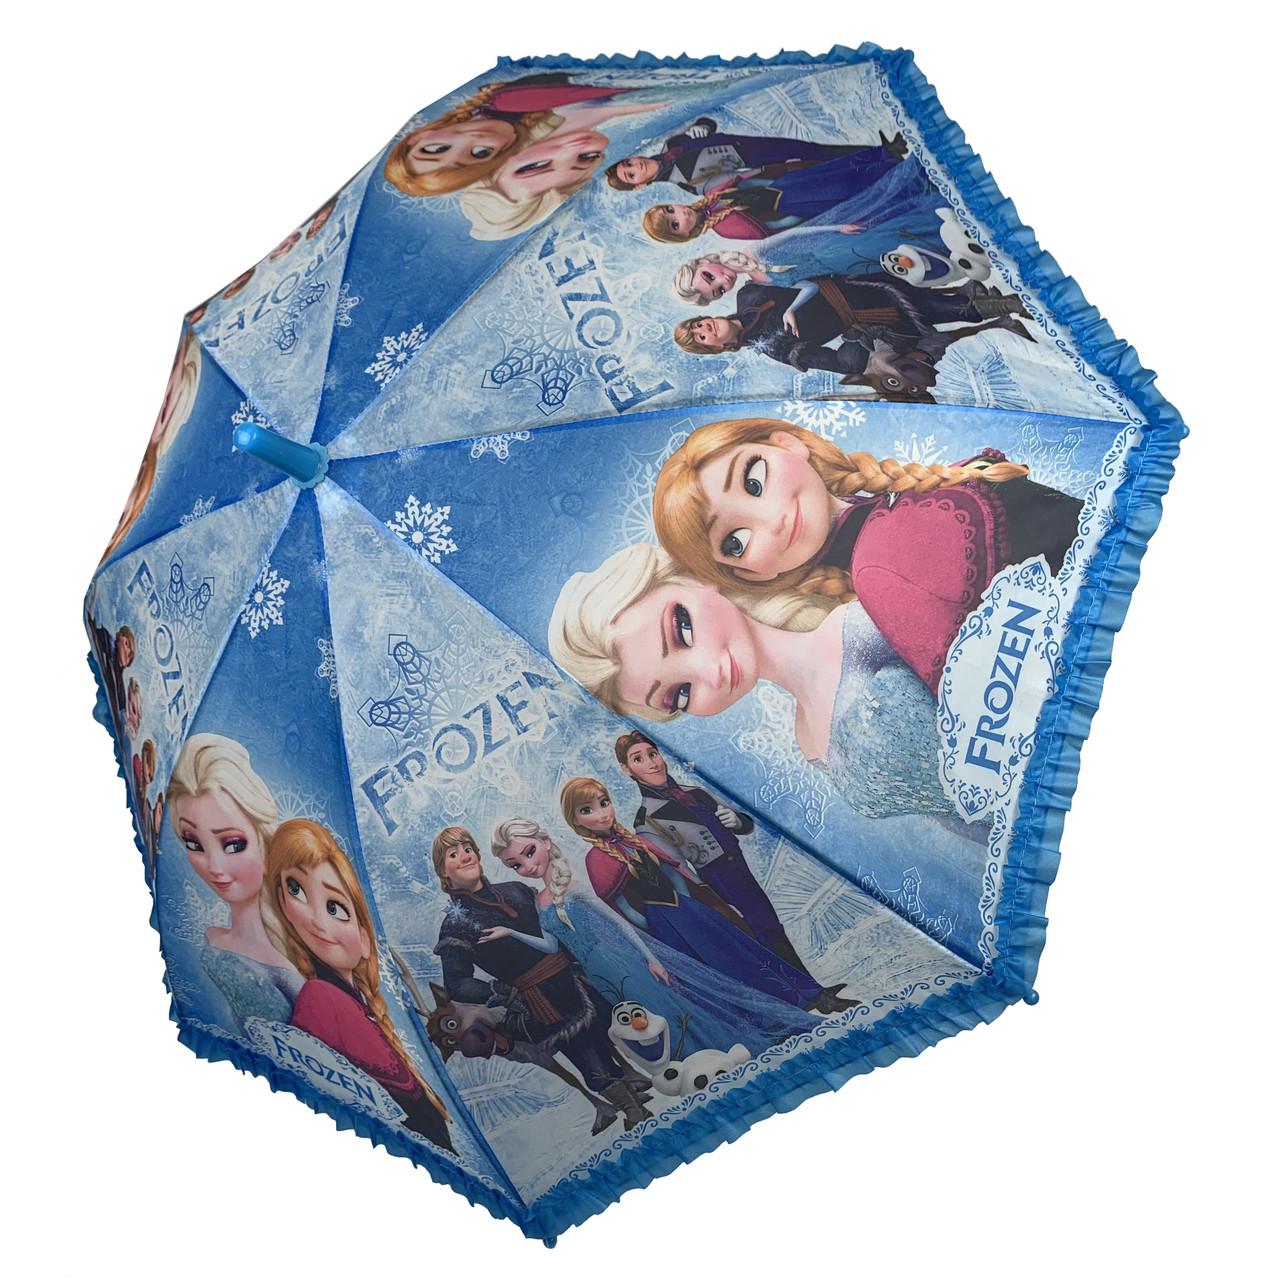 Дитячий парасольку-тростину з принцесами і оборками від Paolo Rossi, блакитний, 011-5